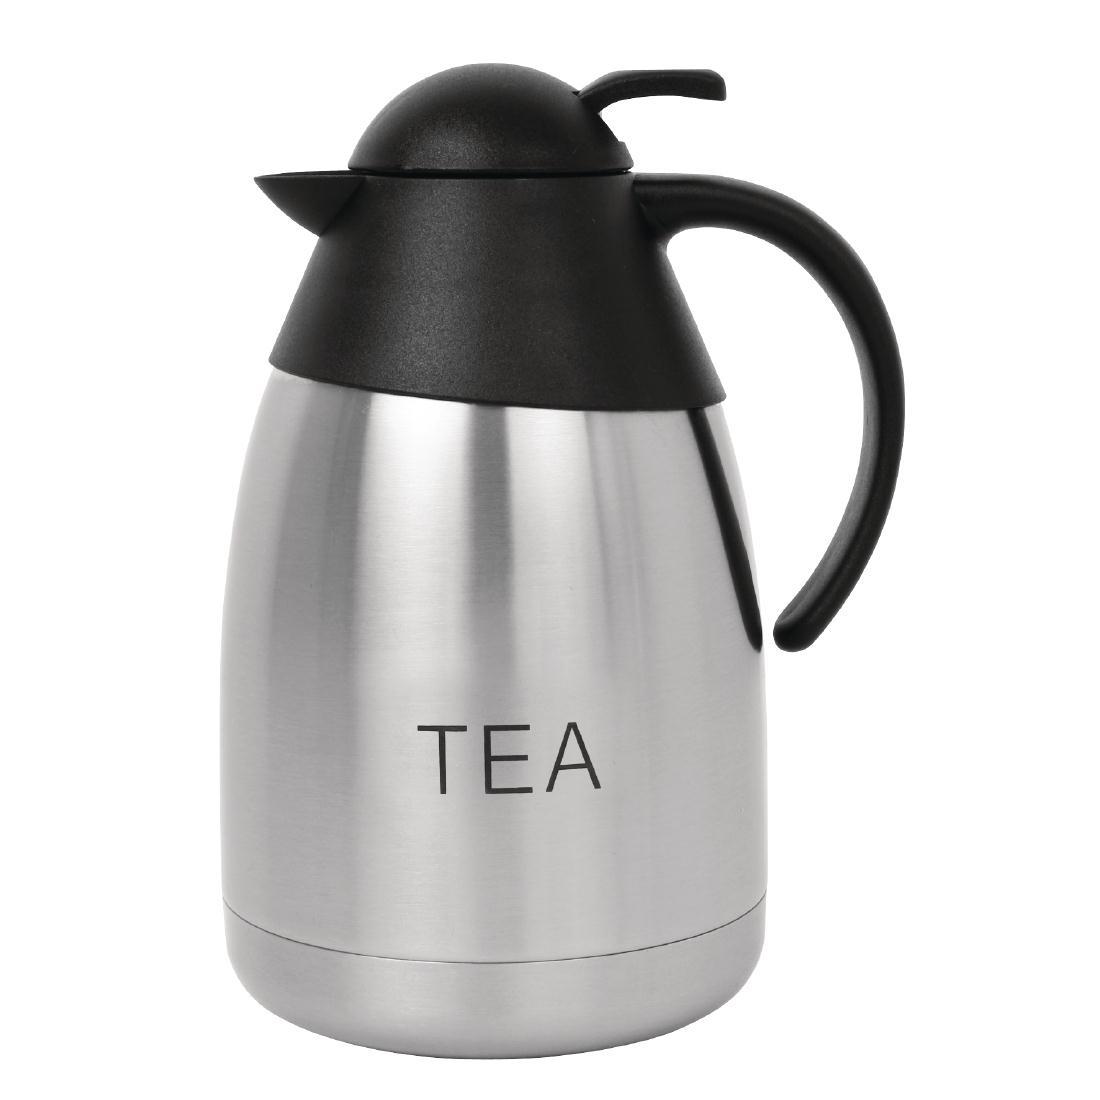 Pichet isotherme à thé couvercle bombé 1,5L